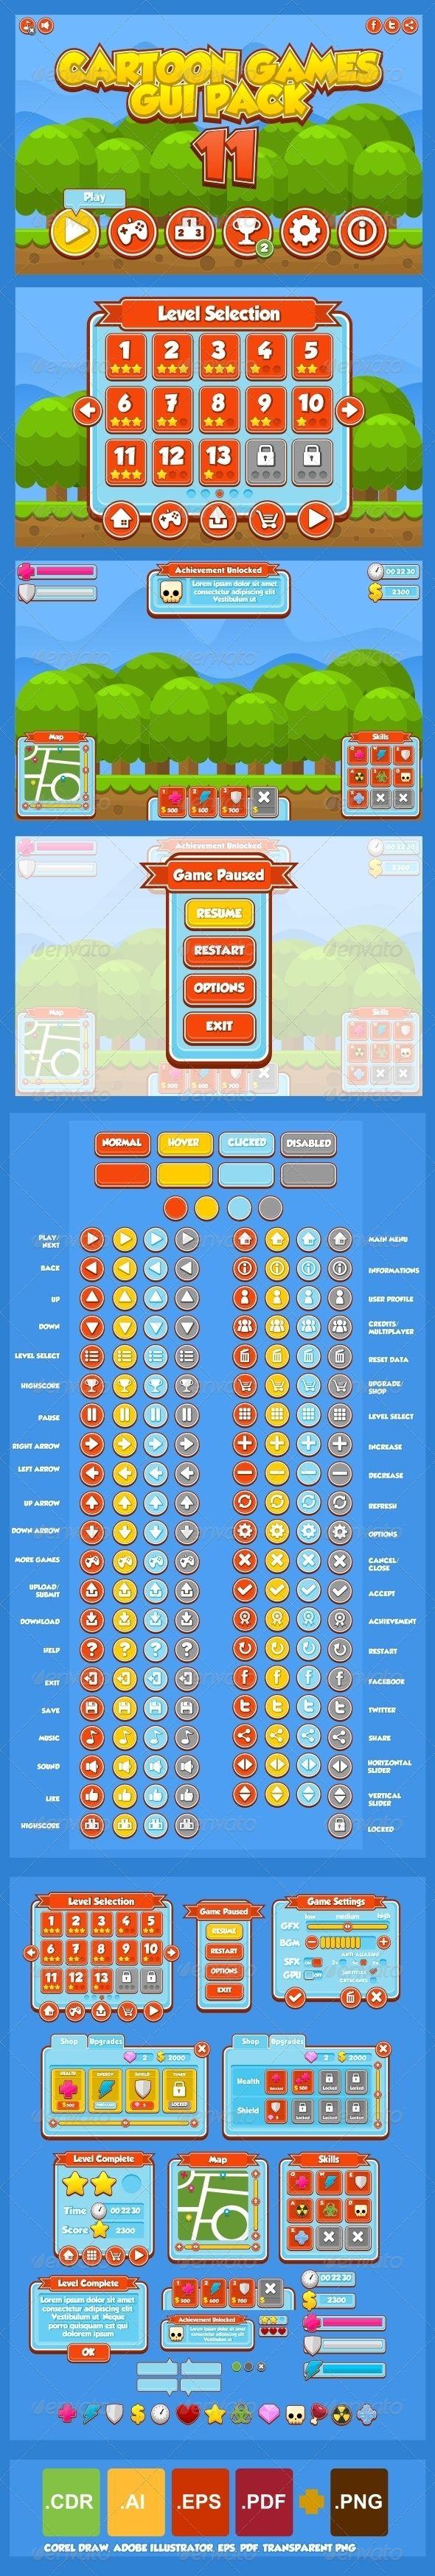 Cartoon Games GUI Pack 11 by Zuhria Alfitra, via Behance